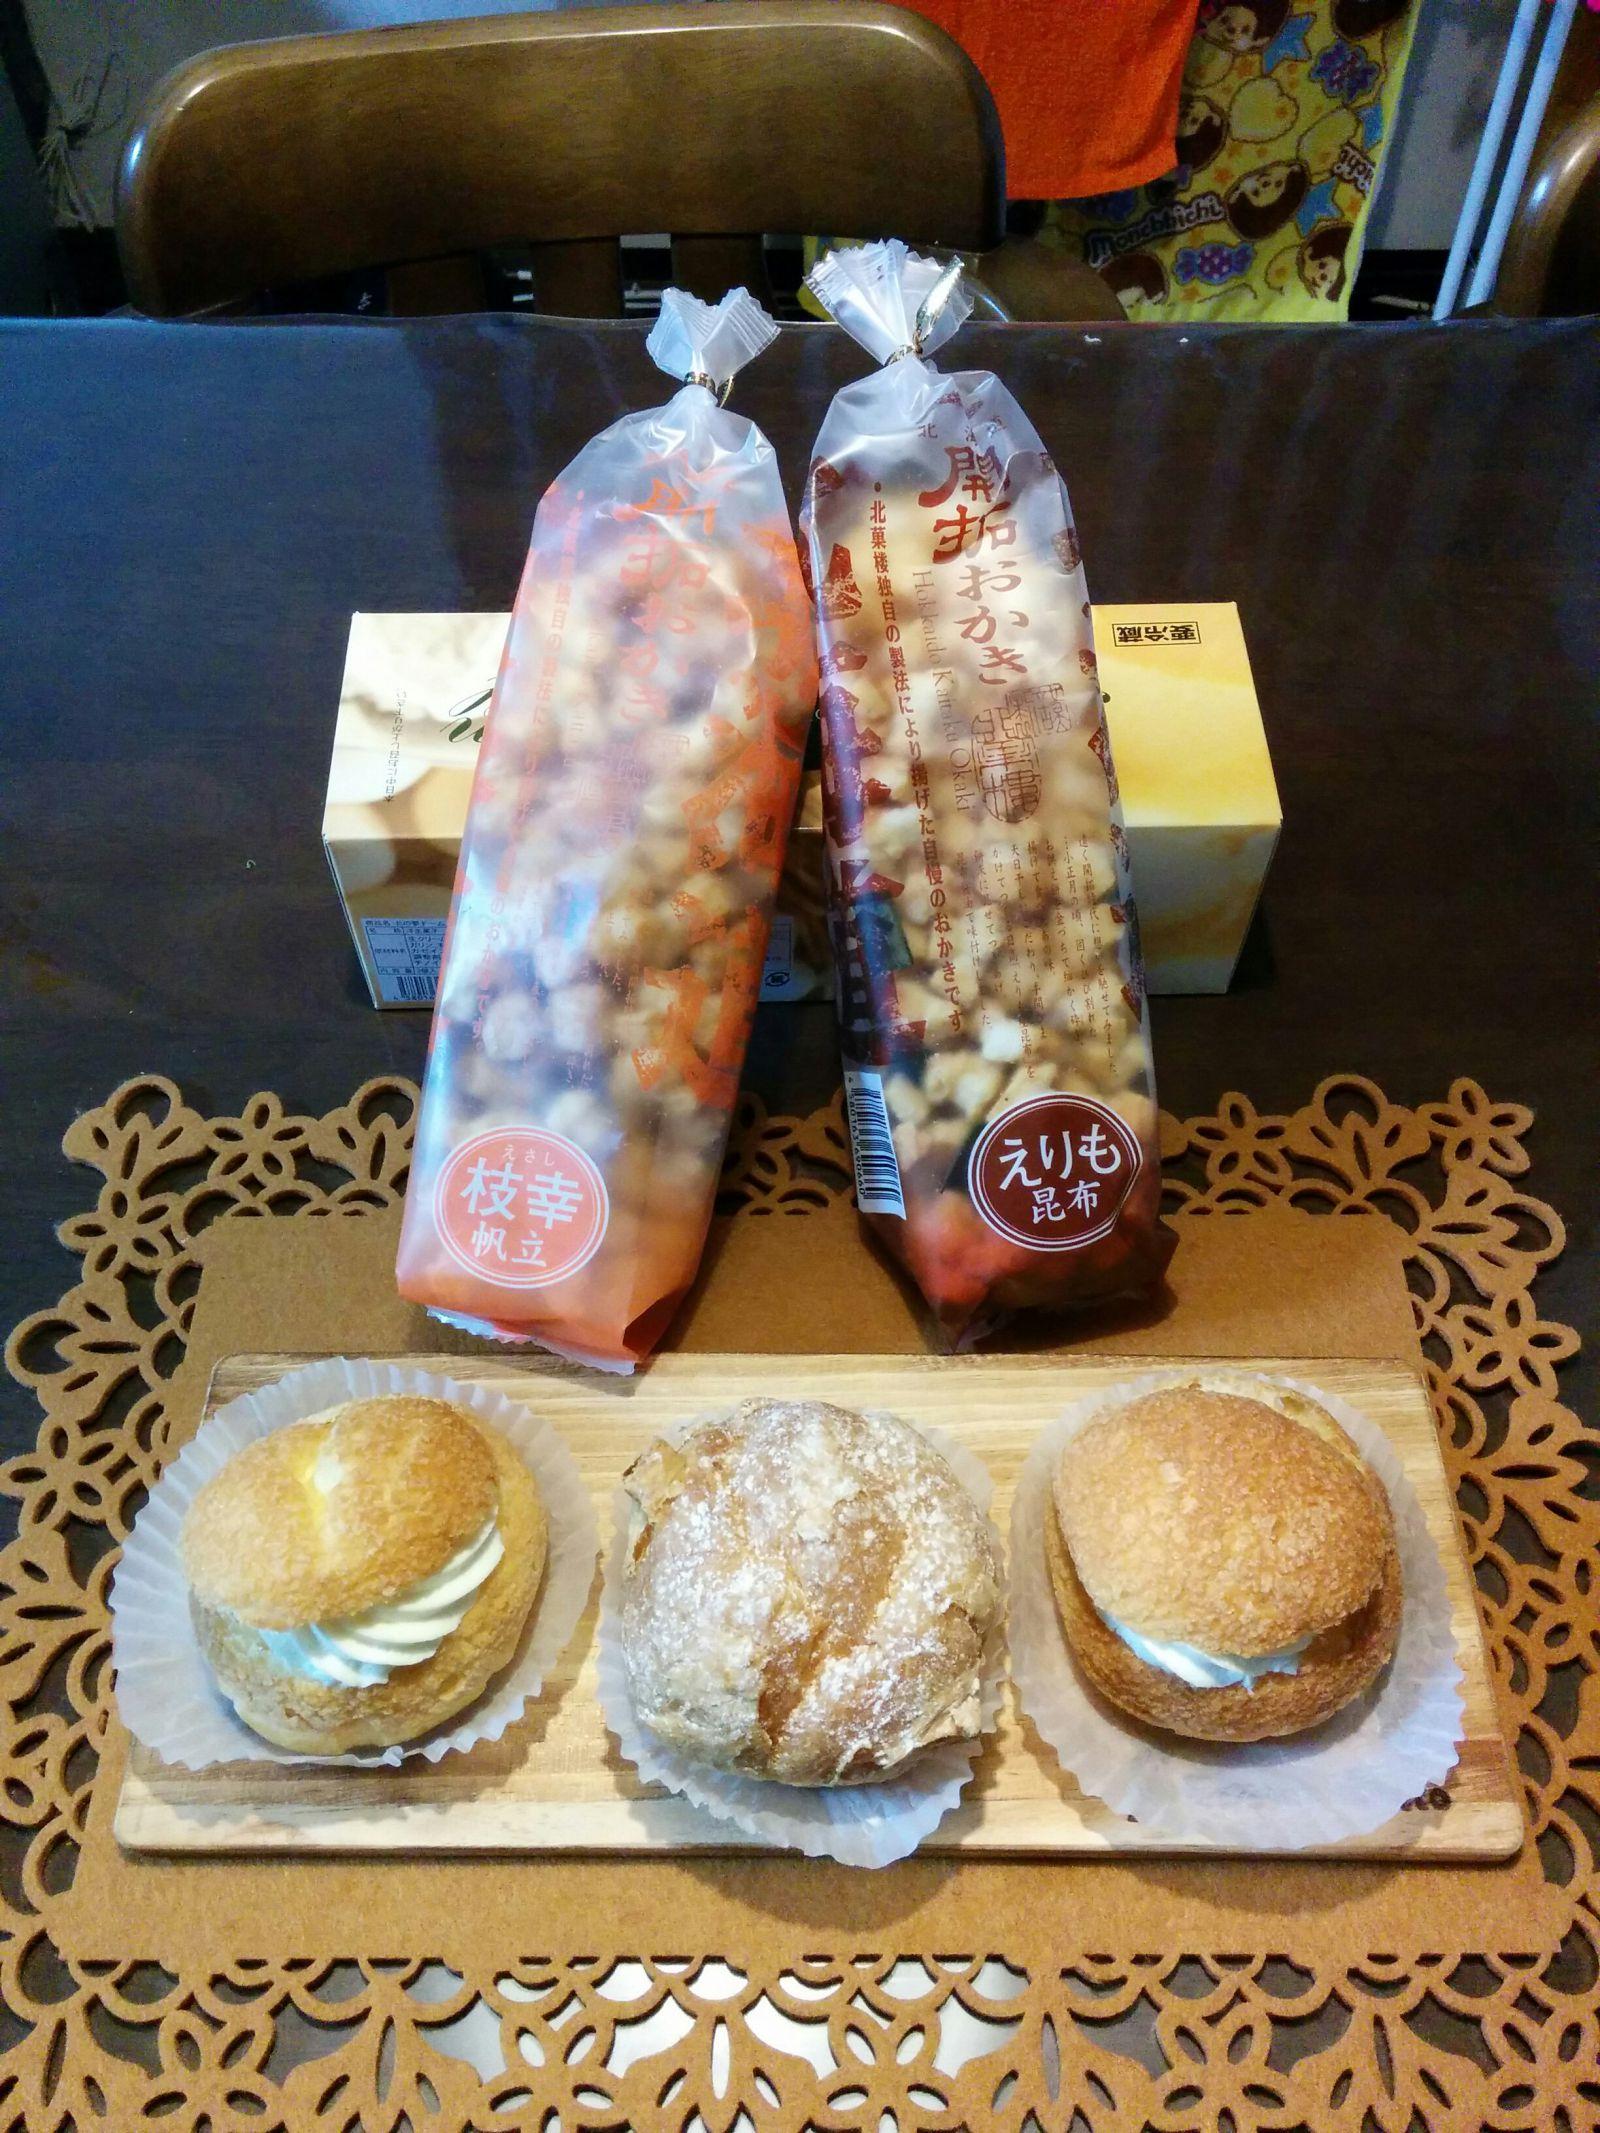 【砂川市】北菓楼のシュークリーム観光グルメ案内です。